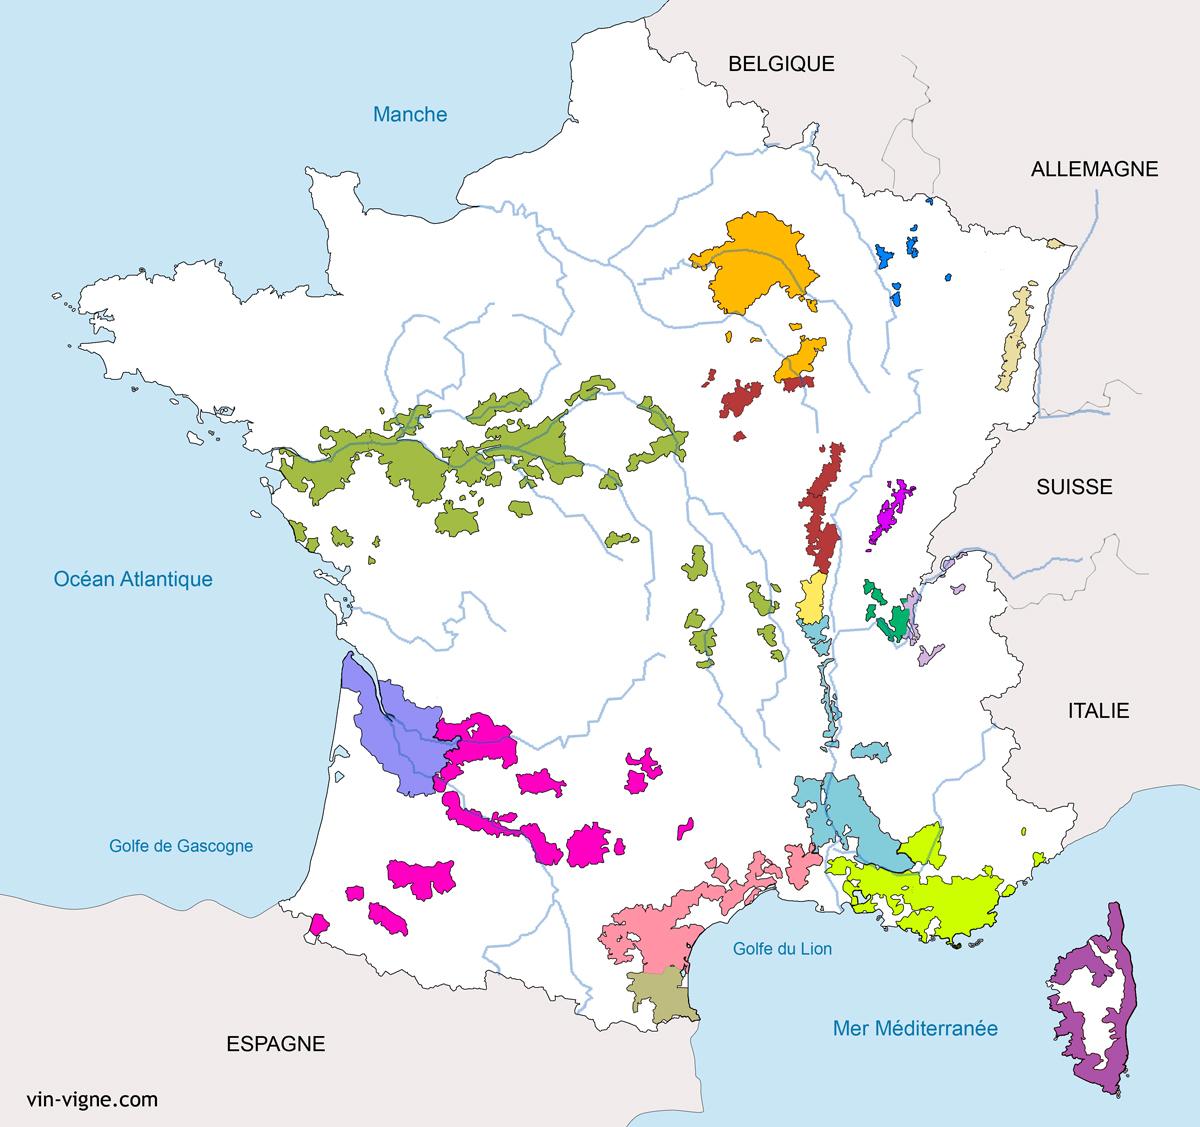 Vignoble De France - Liste Des Vignobles Français - Vin destiné Carte De France Et Ses Régions